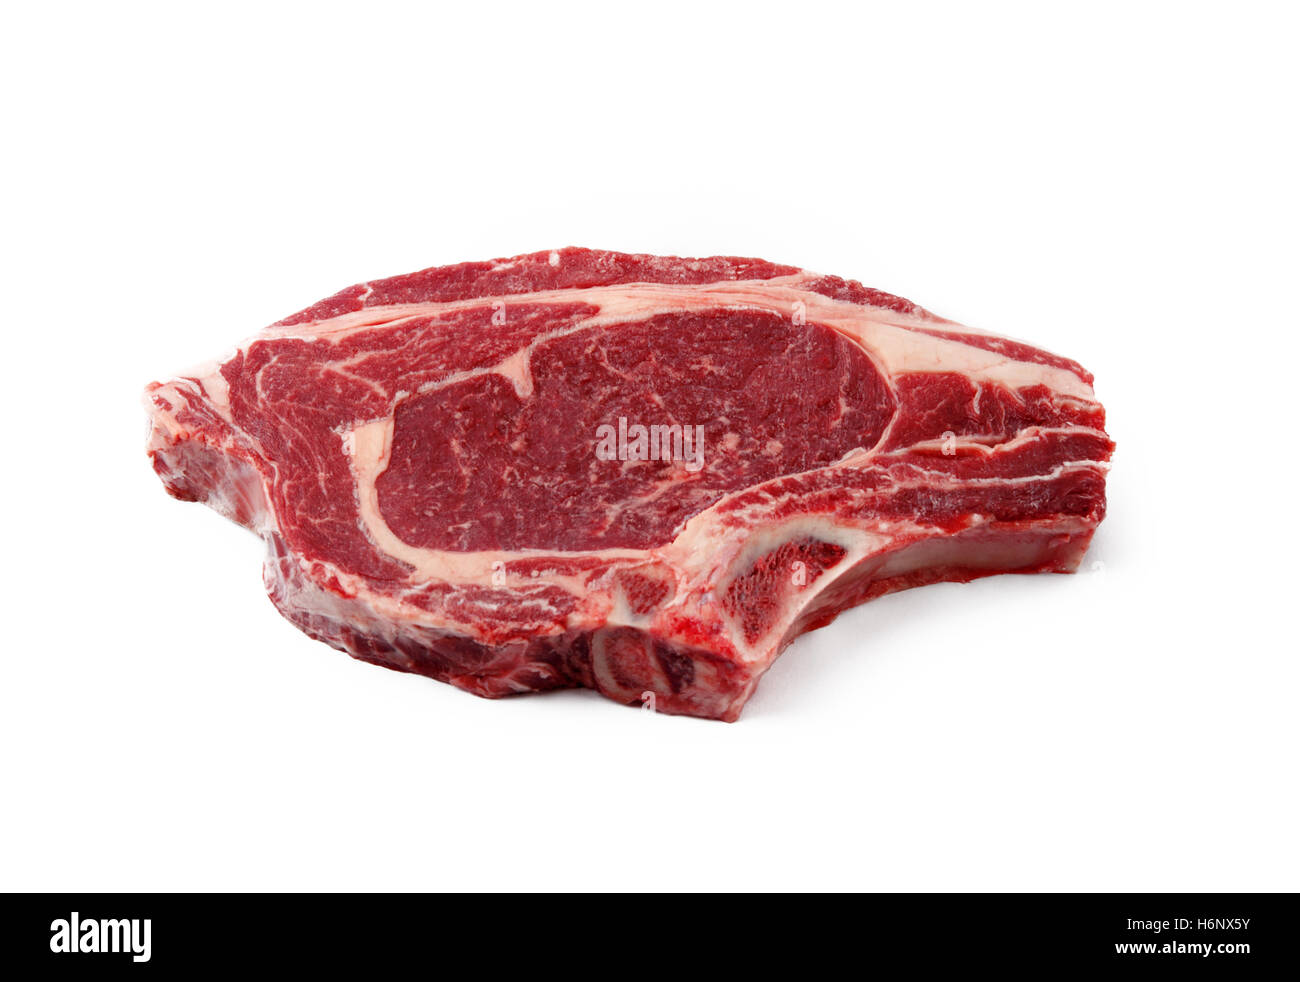 Organic jugosas carnes rojas una chuleta aislado sobre un fondo blanco. Imagen De Stock